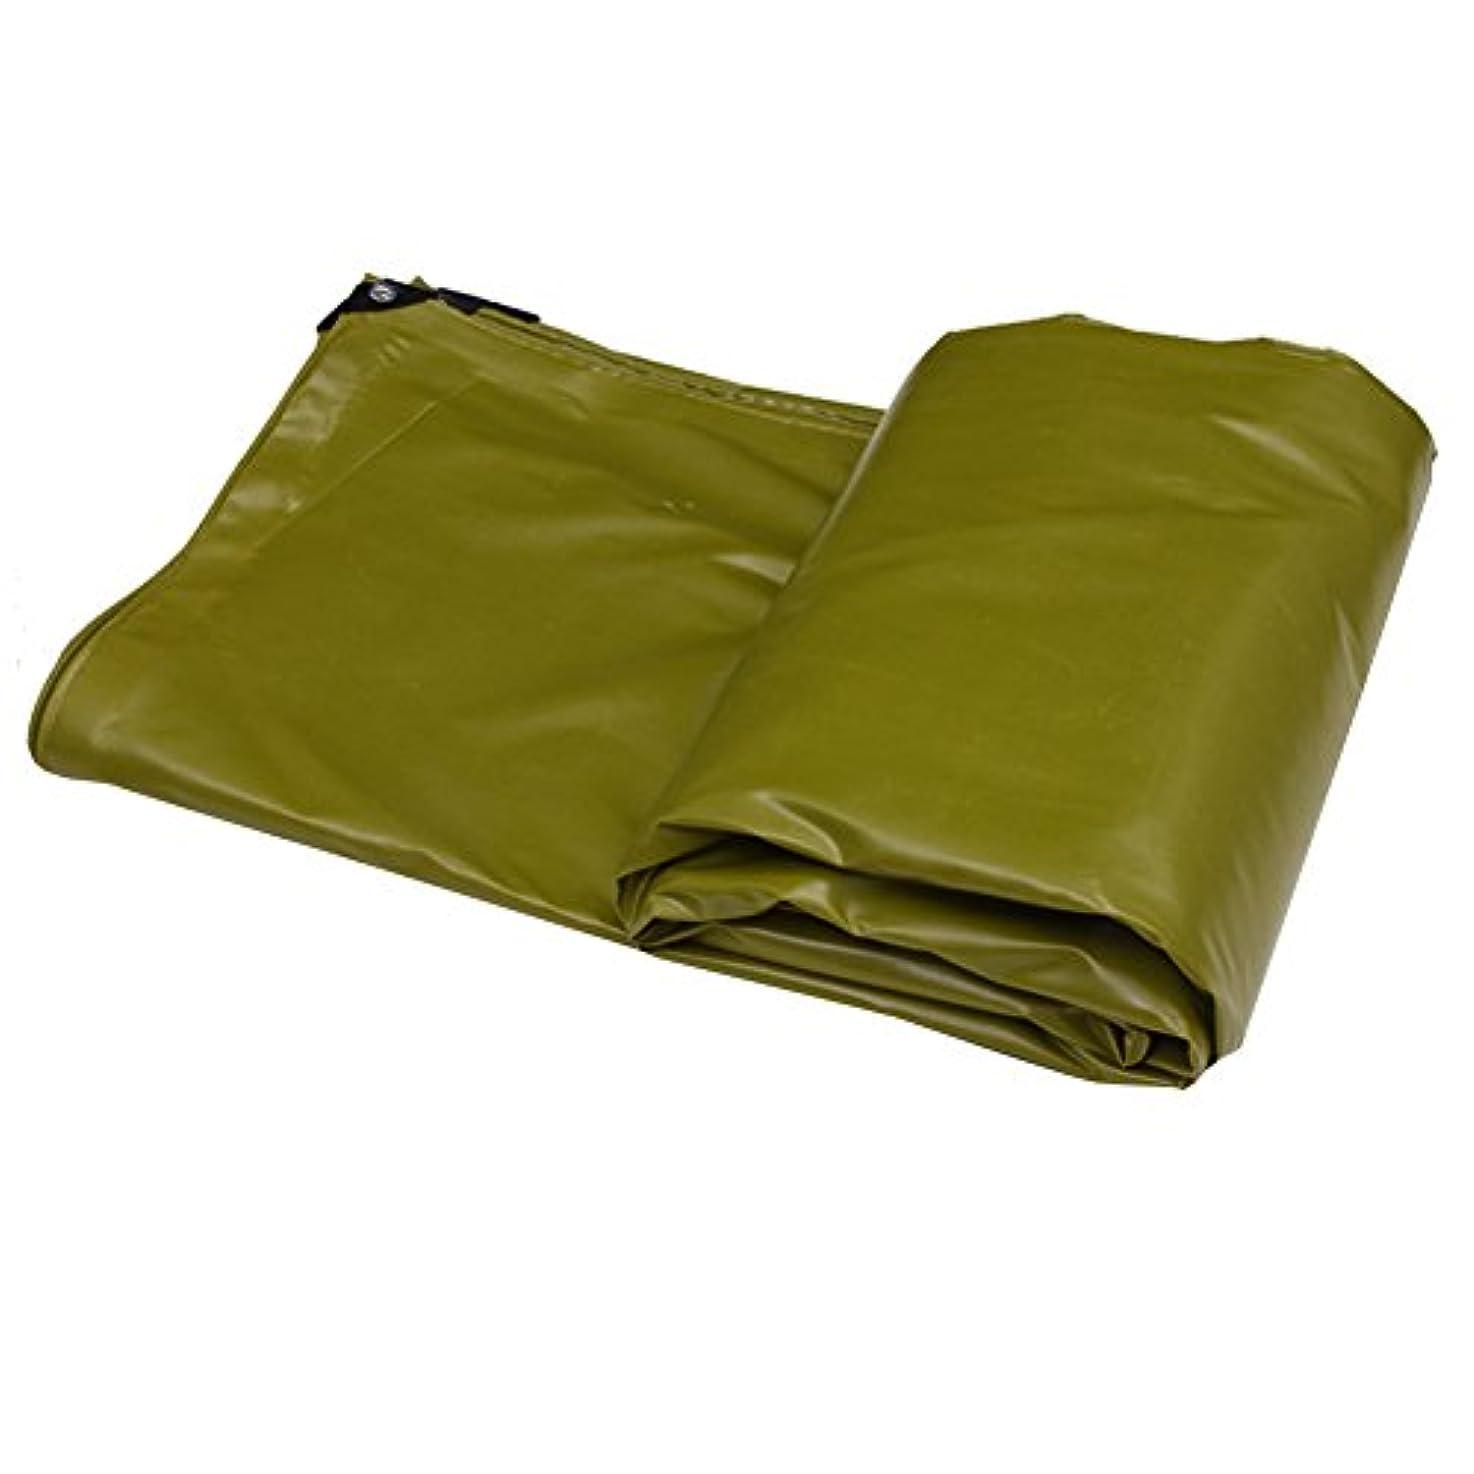 と遊ぶ囲まれたドラゴンZHANWEI ターポリンタープ 厚くする PVC 日焼け止め 酸化防止 屋外の トレーラーカバー、 厚さ0.45 mm、 550g /㎡、 複数のサイズ (色 : Green, サイズ さいず : 4x5M)